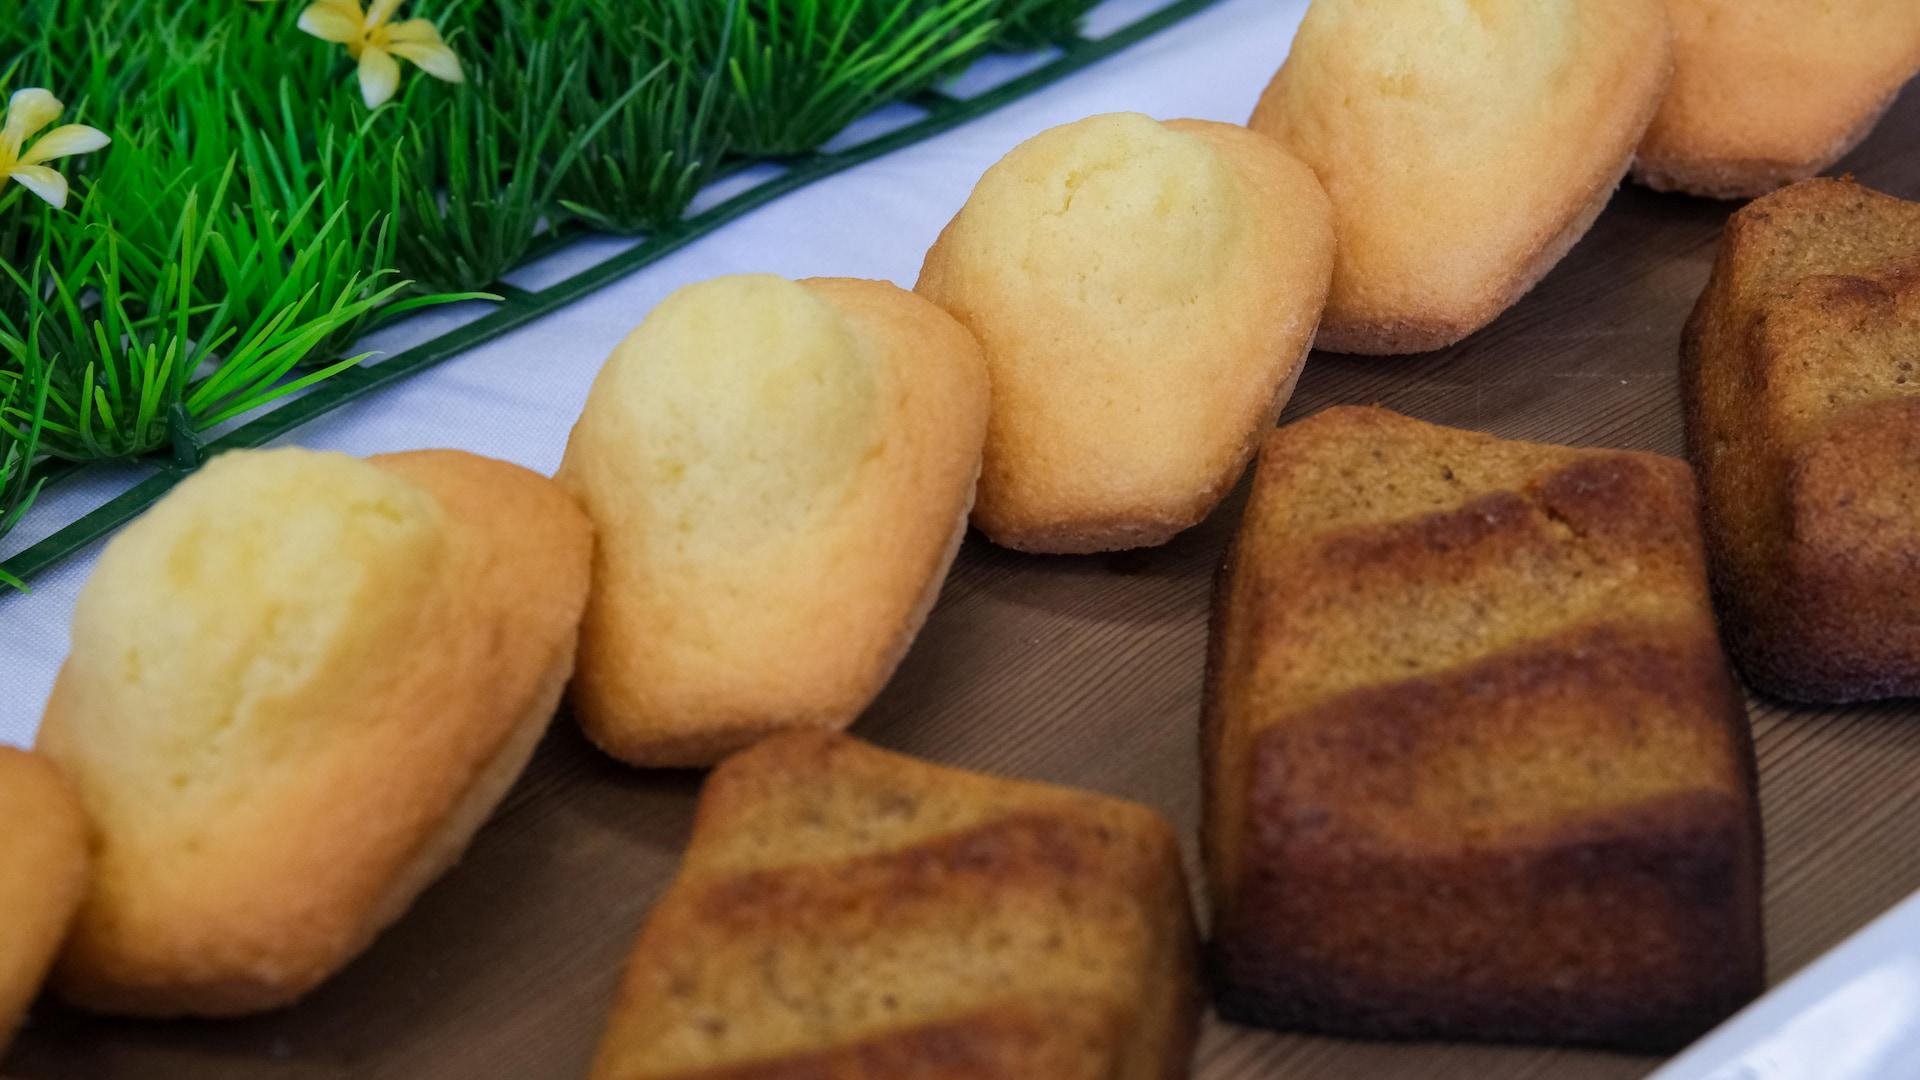 Des madeleines à la fleur de mélilot et financiers à l'argousier préparés par le chef pâtissier Olivier Tribut.